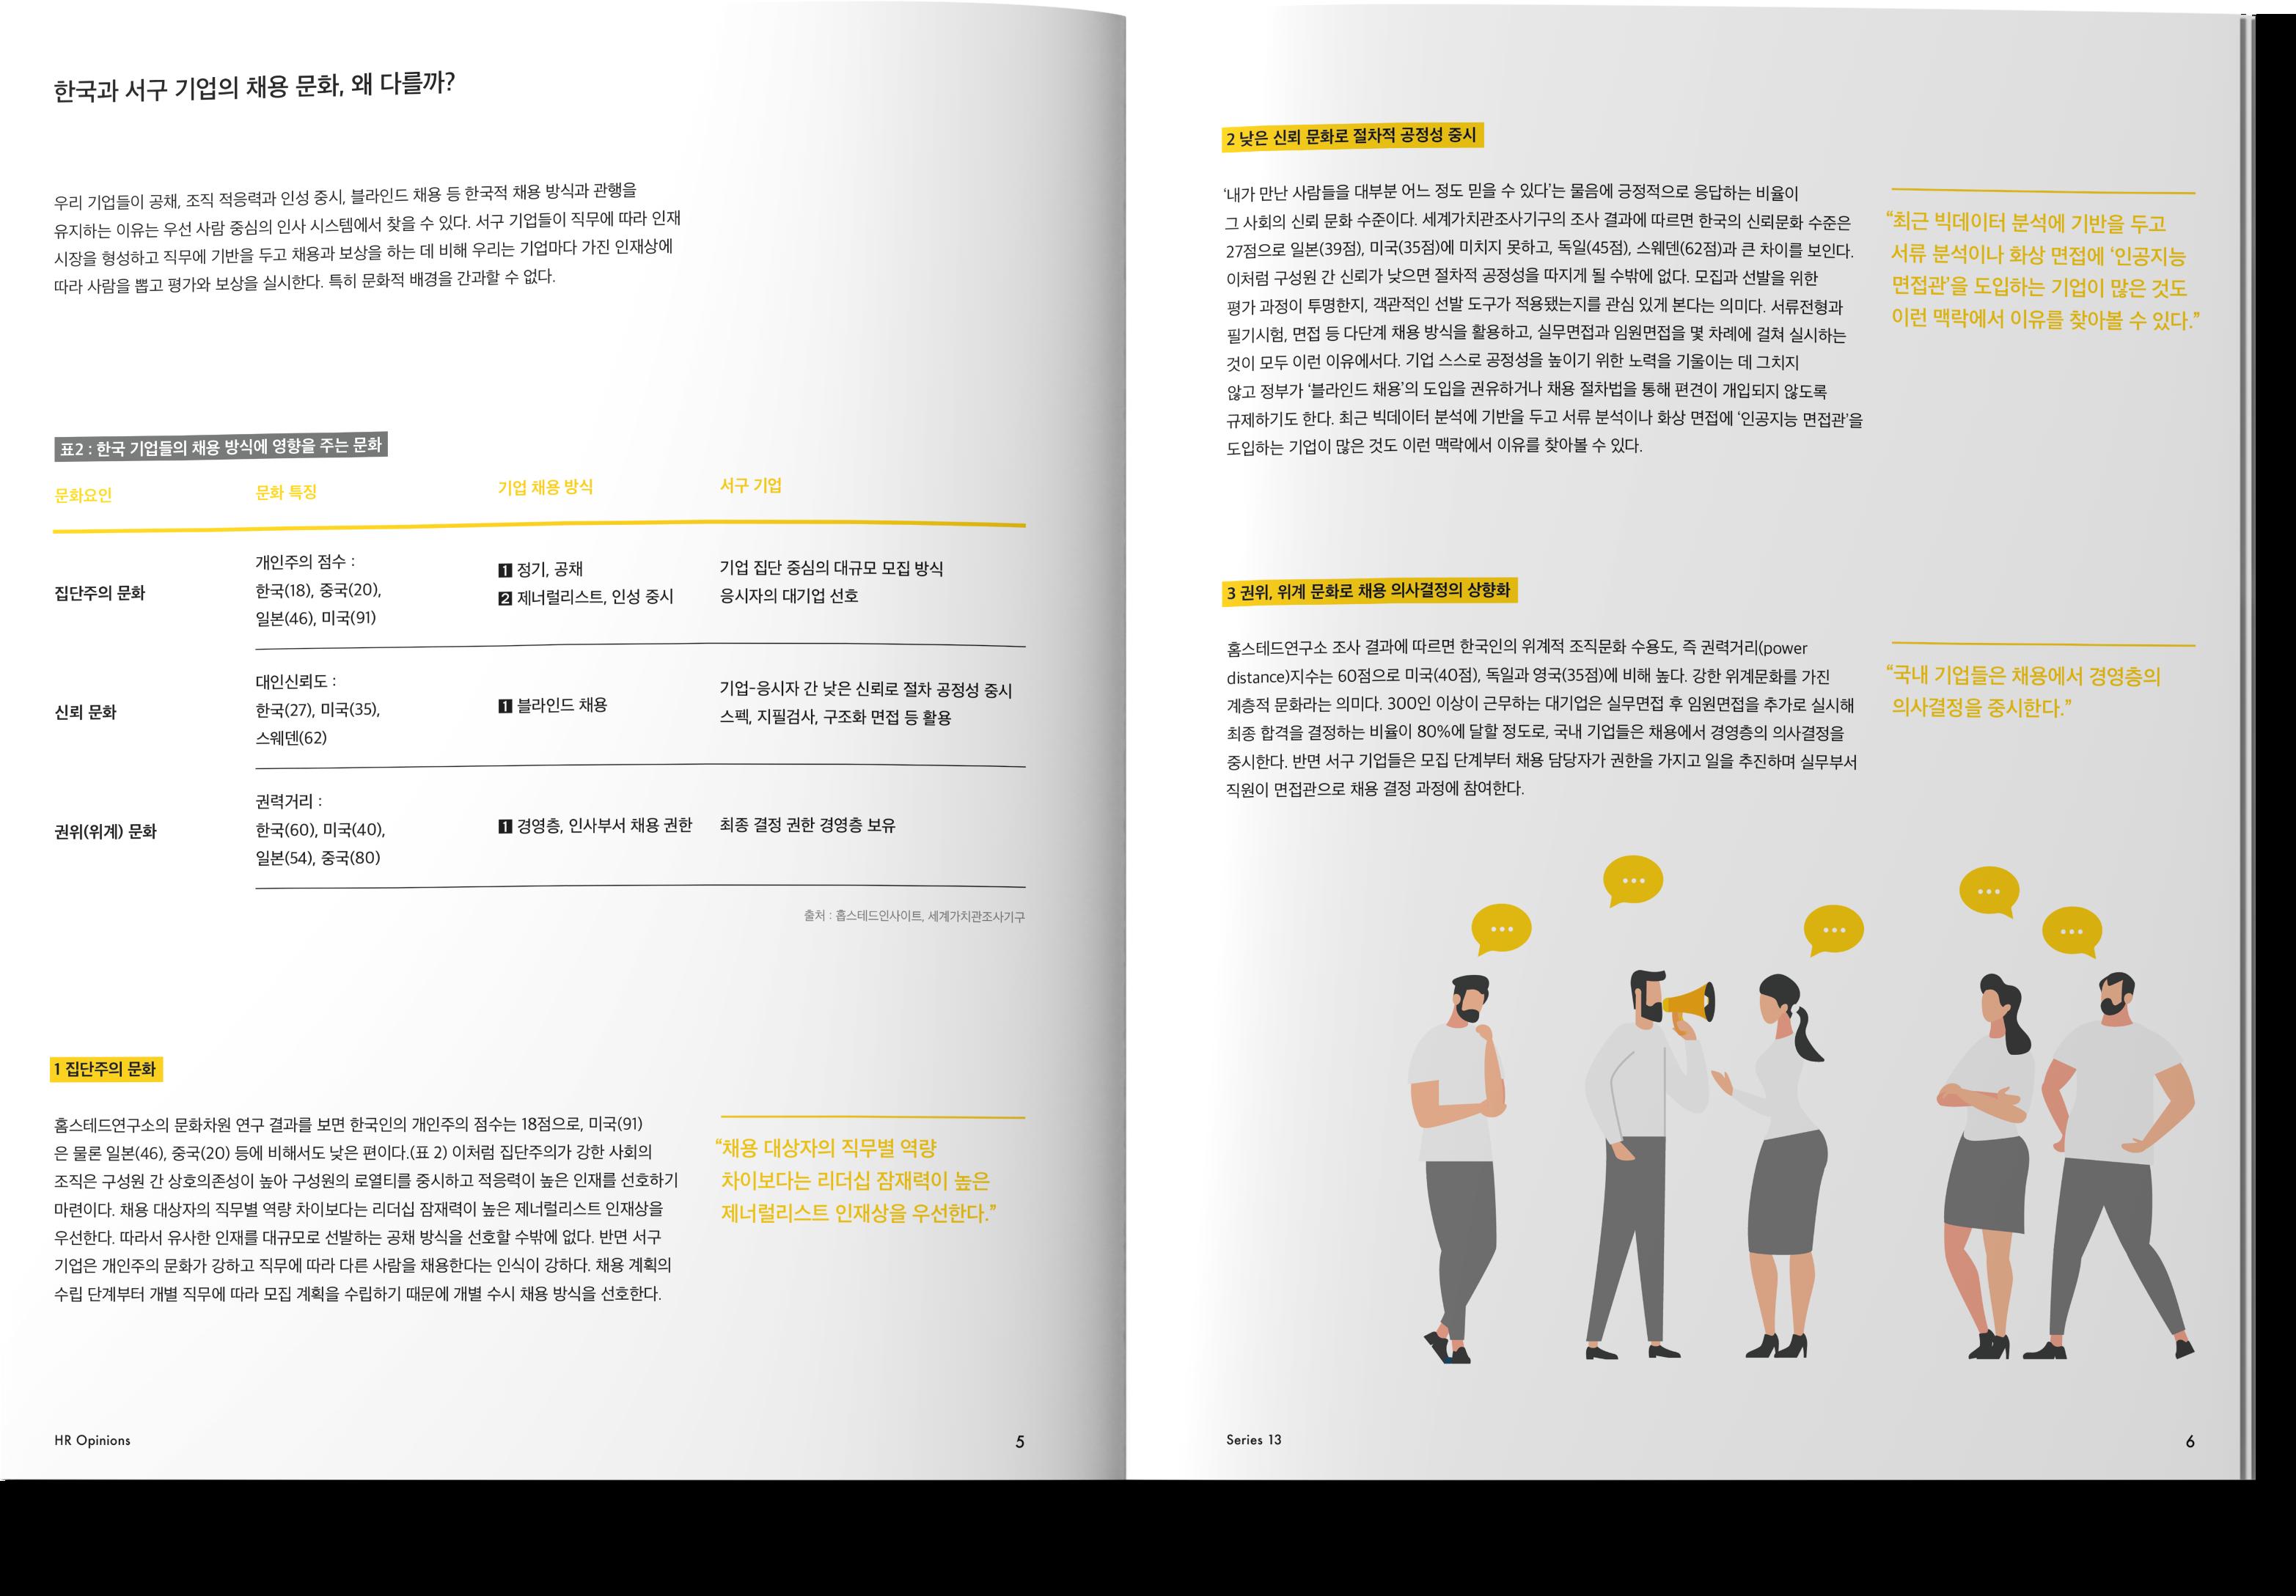 02 Blog_Contents02-4